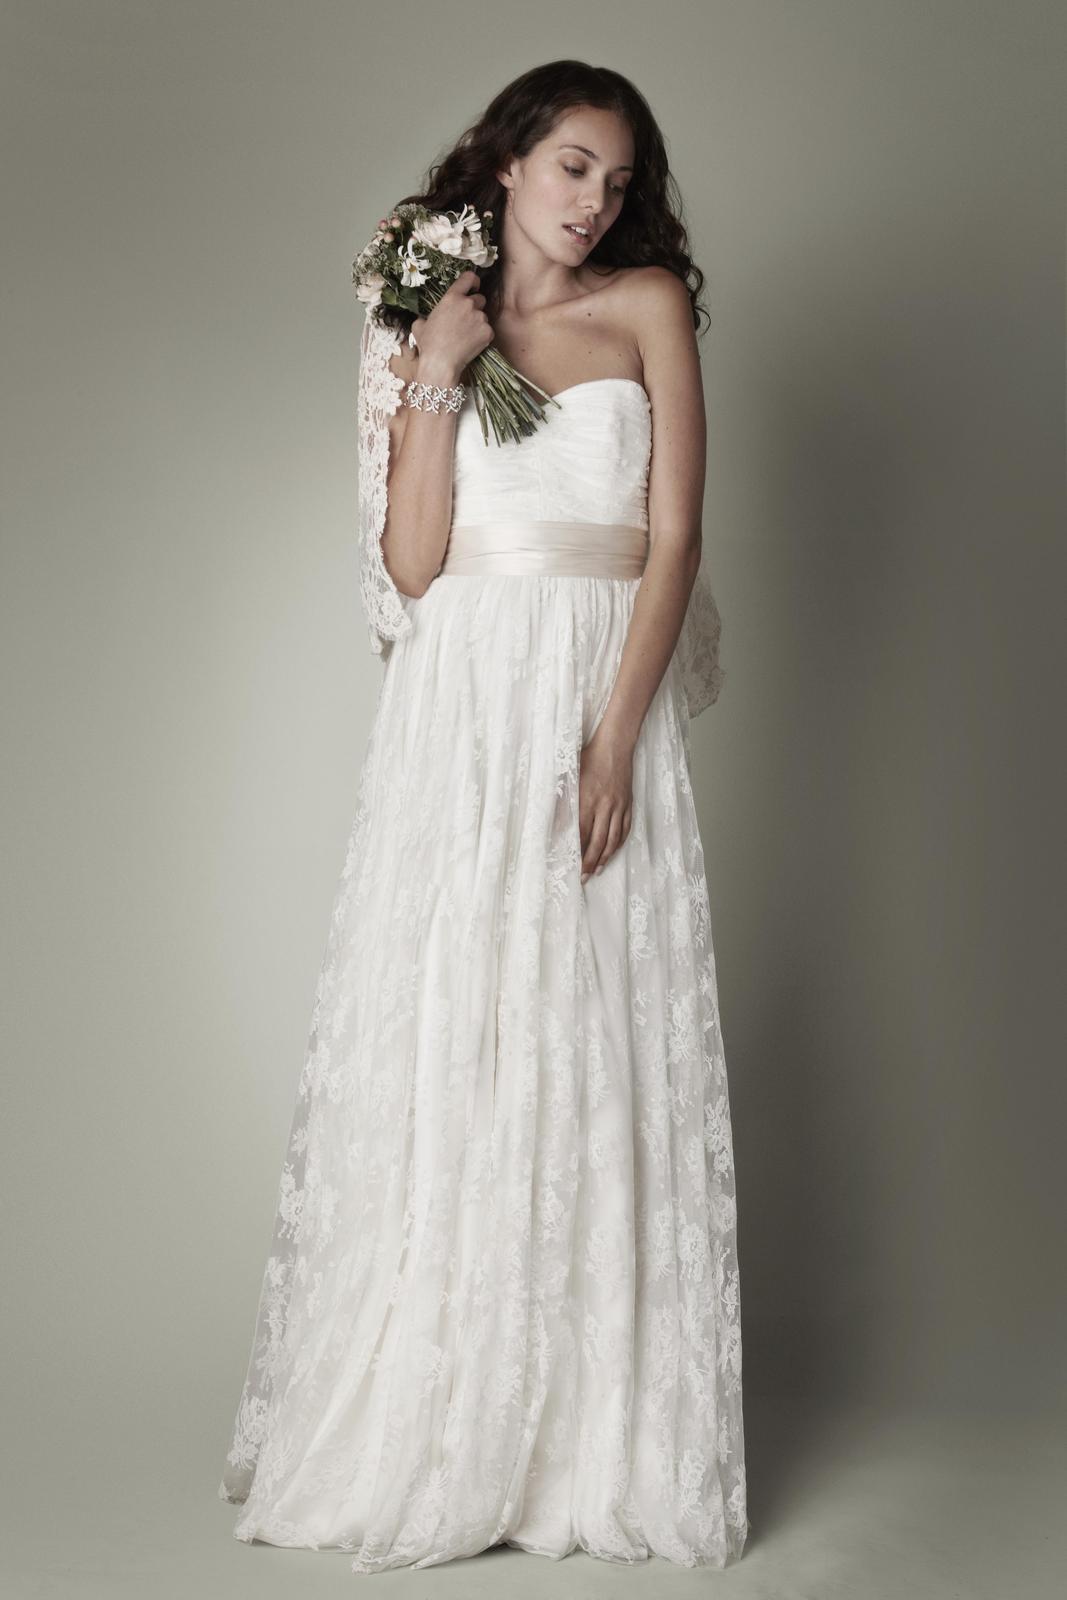 Dress - Obrázok č. 27